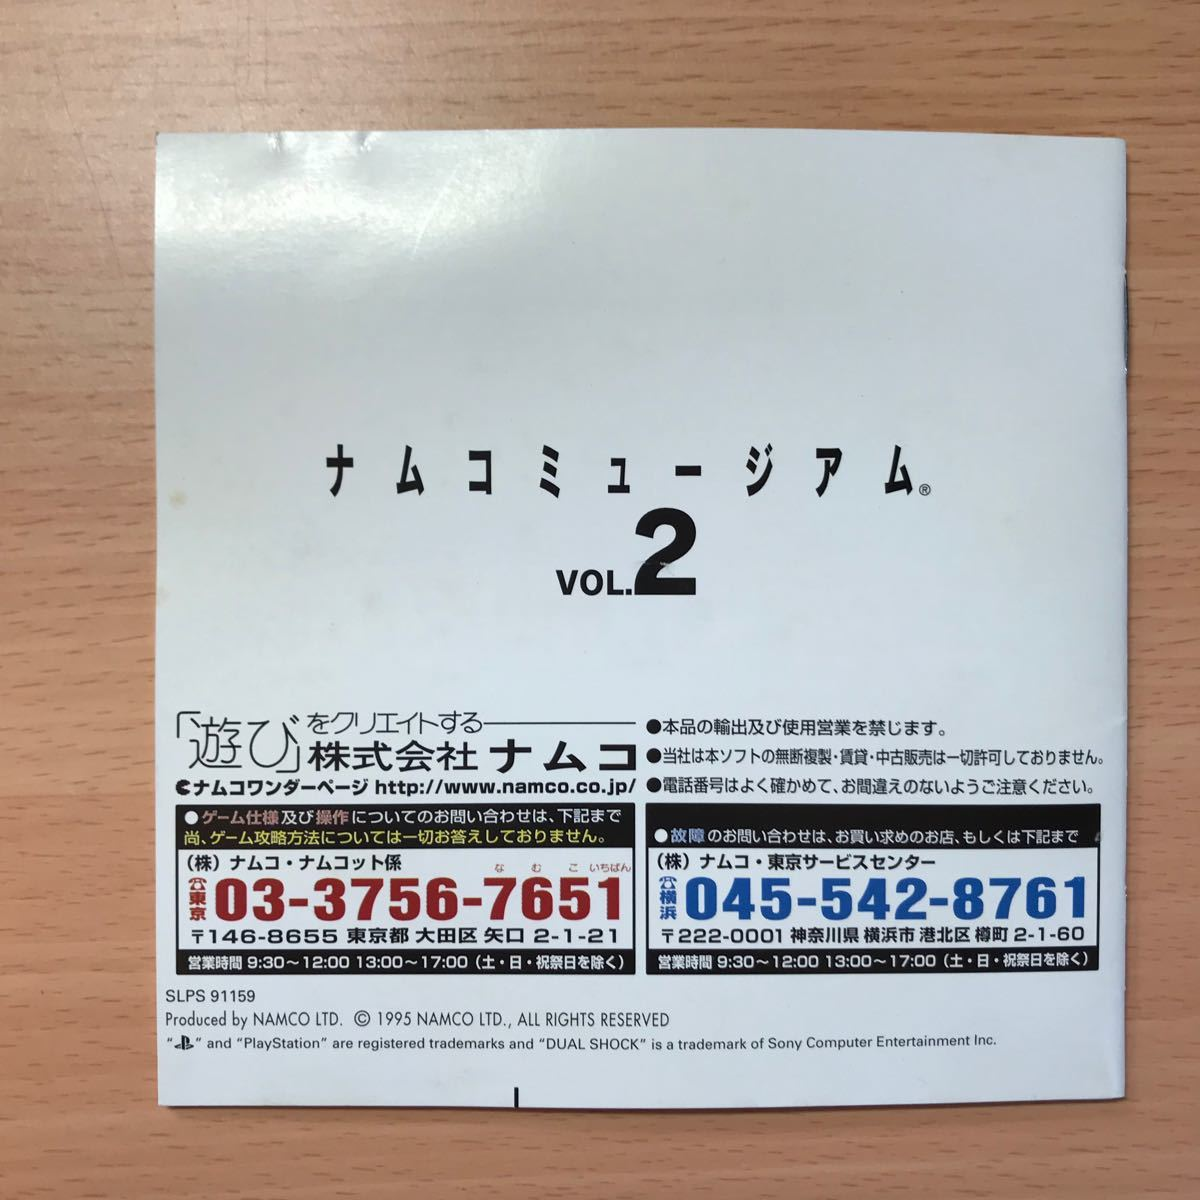 ナムコミュージアム Vol.2 PlayStation the Best